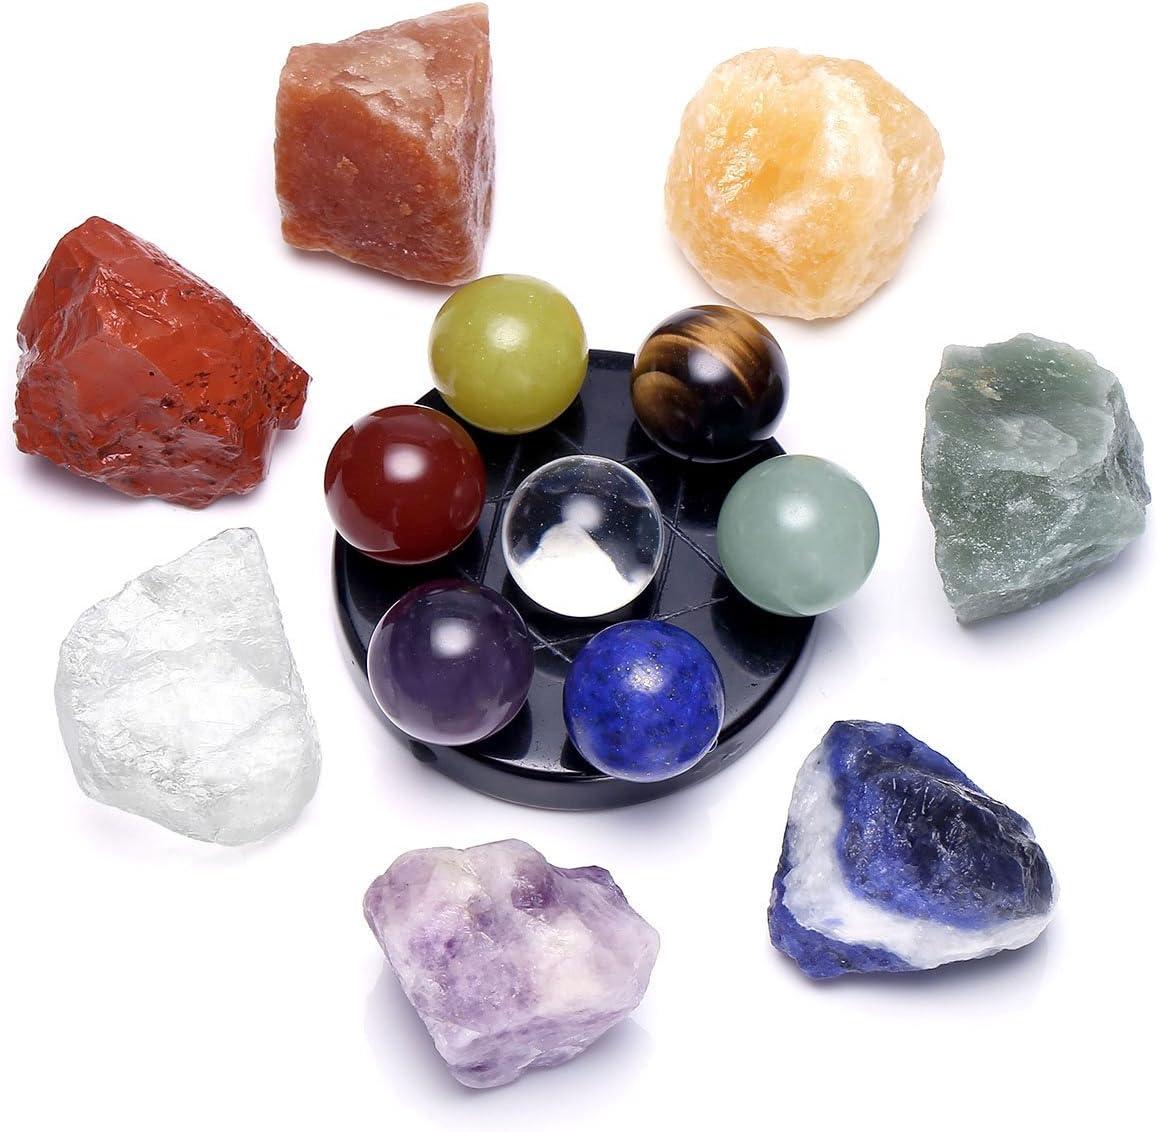 qgem 7Chakra Piedras preciosas Deko Feng Shui Reiki piedras curativas Energía Terapia Yoga piedras Decoración Set verschi edener Juego Seleccionar